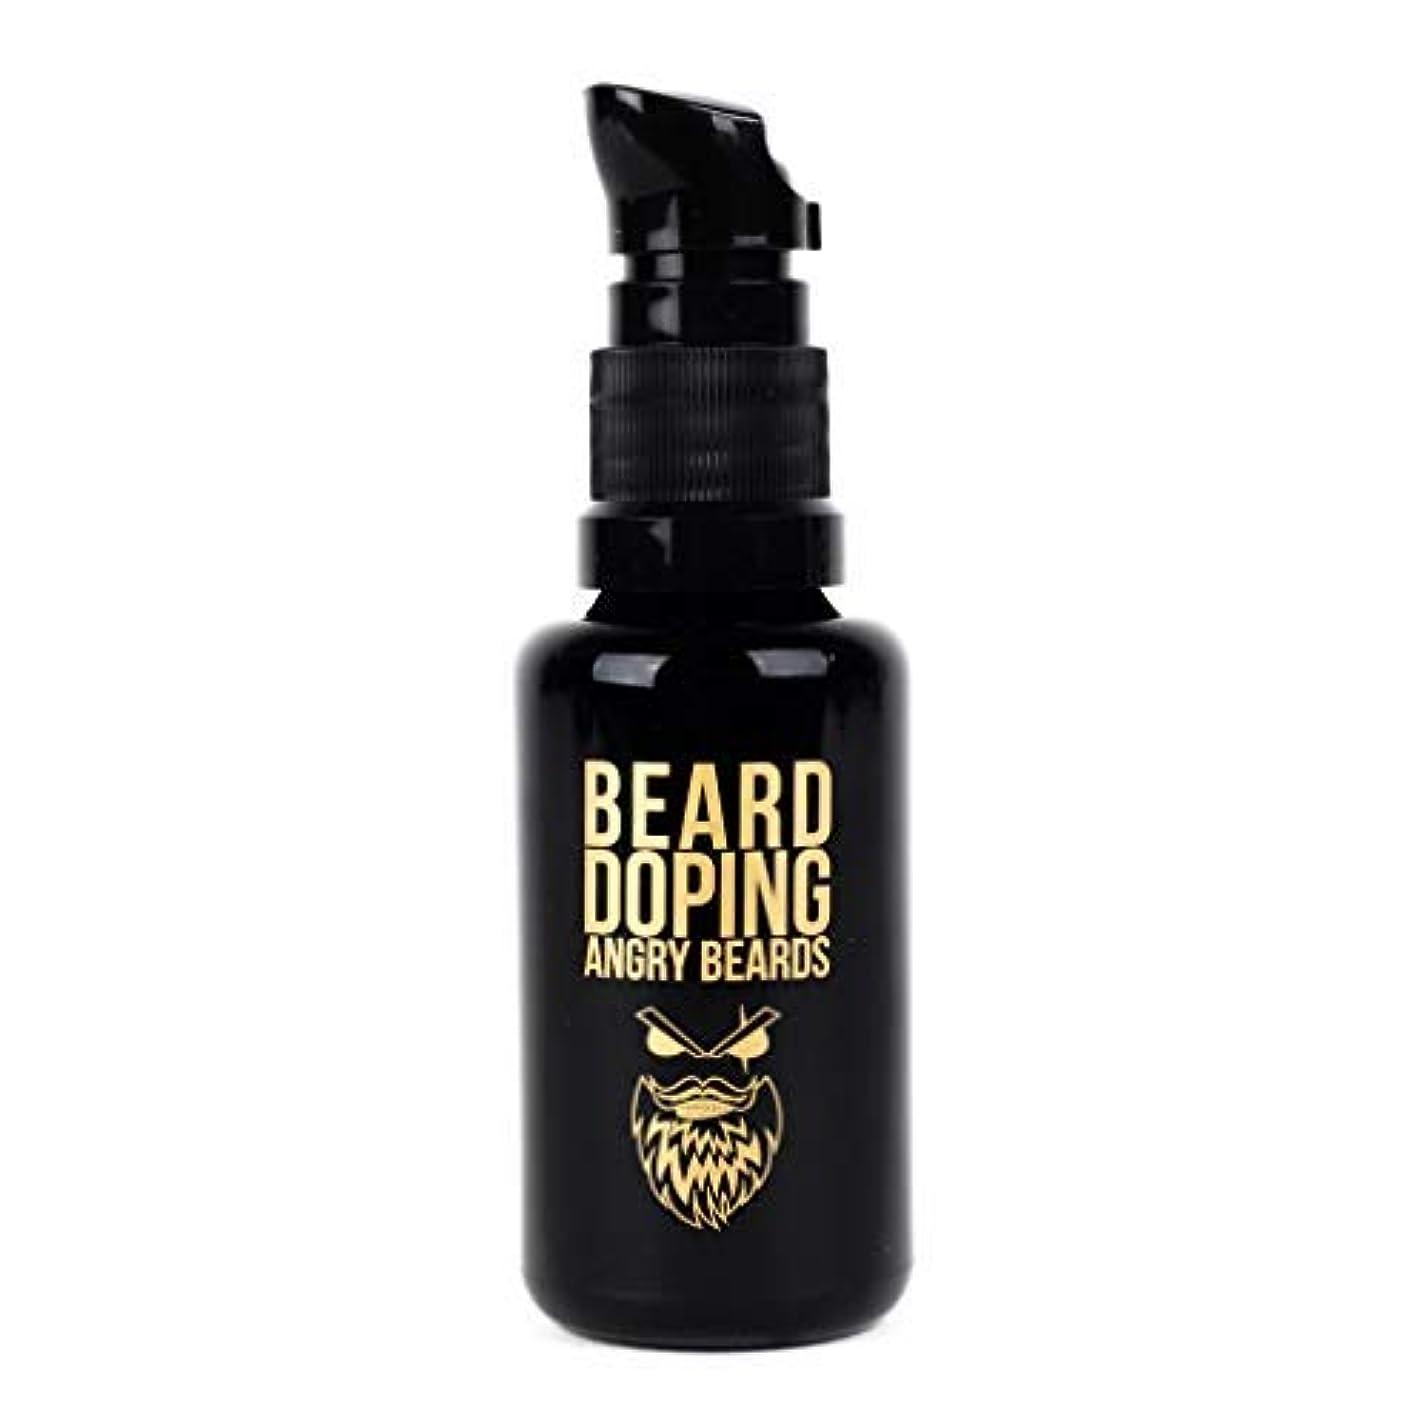 塩辛い従事したこどもの日Beard Doping for Growth by Angry Beards 30ml Made in Czech Republic / 成長のためのひげドーピング怒っているひげ30mlチェコ共和国製